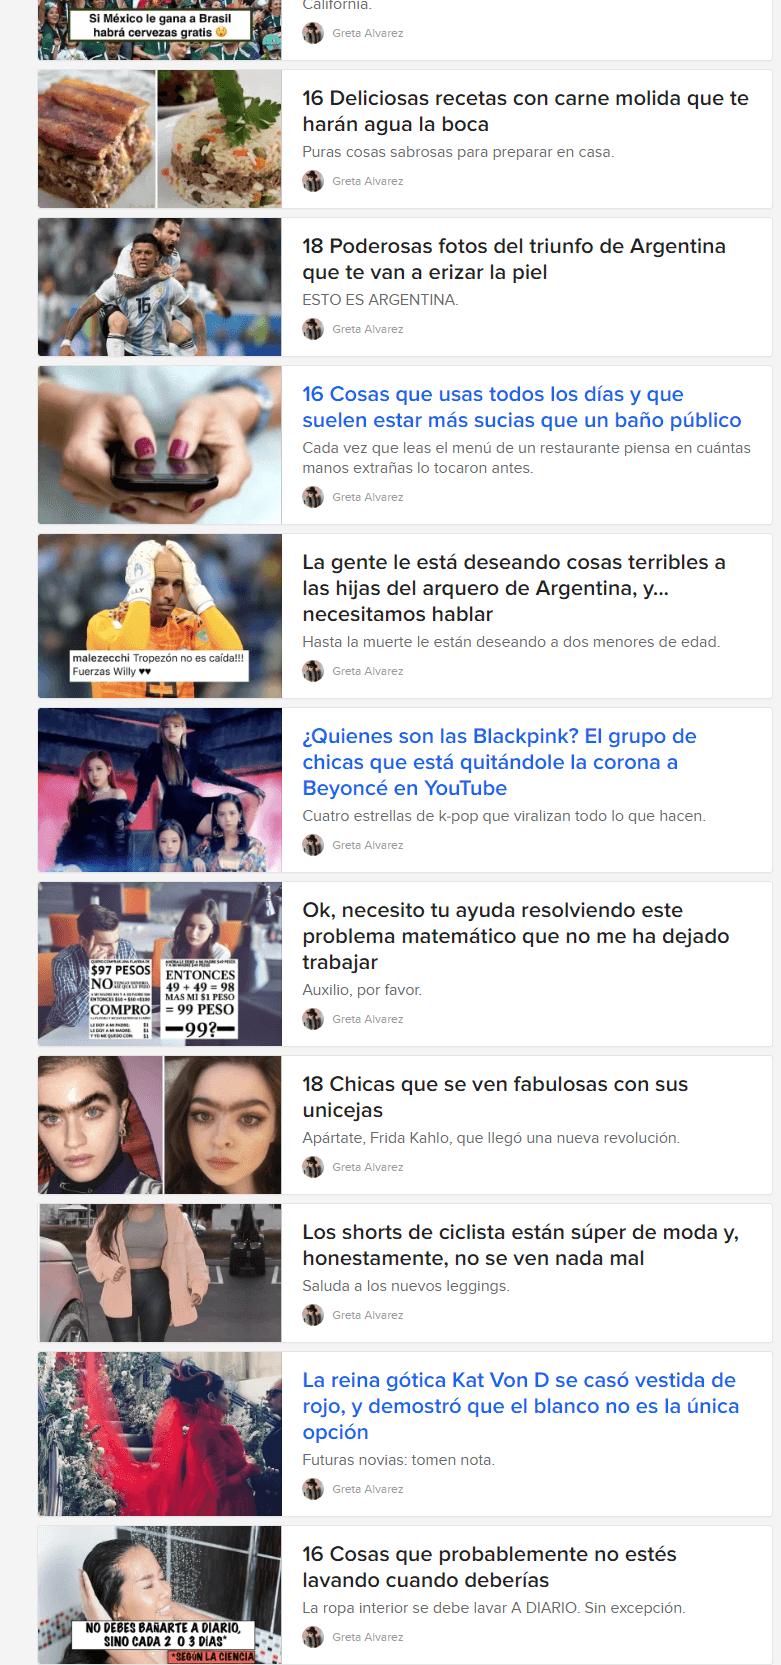 clickbait buzzfeed ejemplos